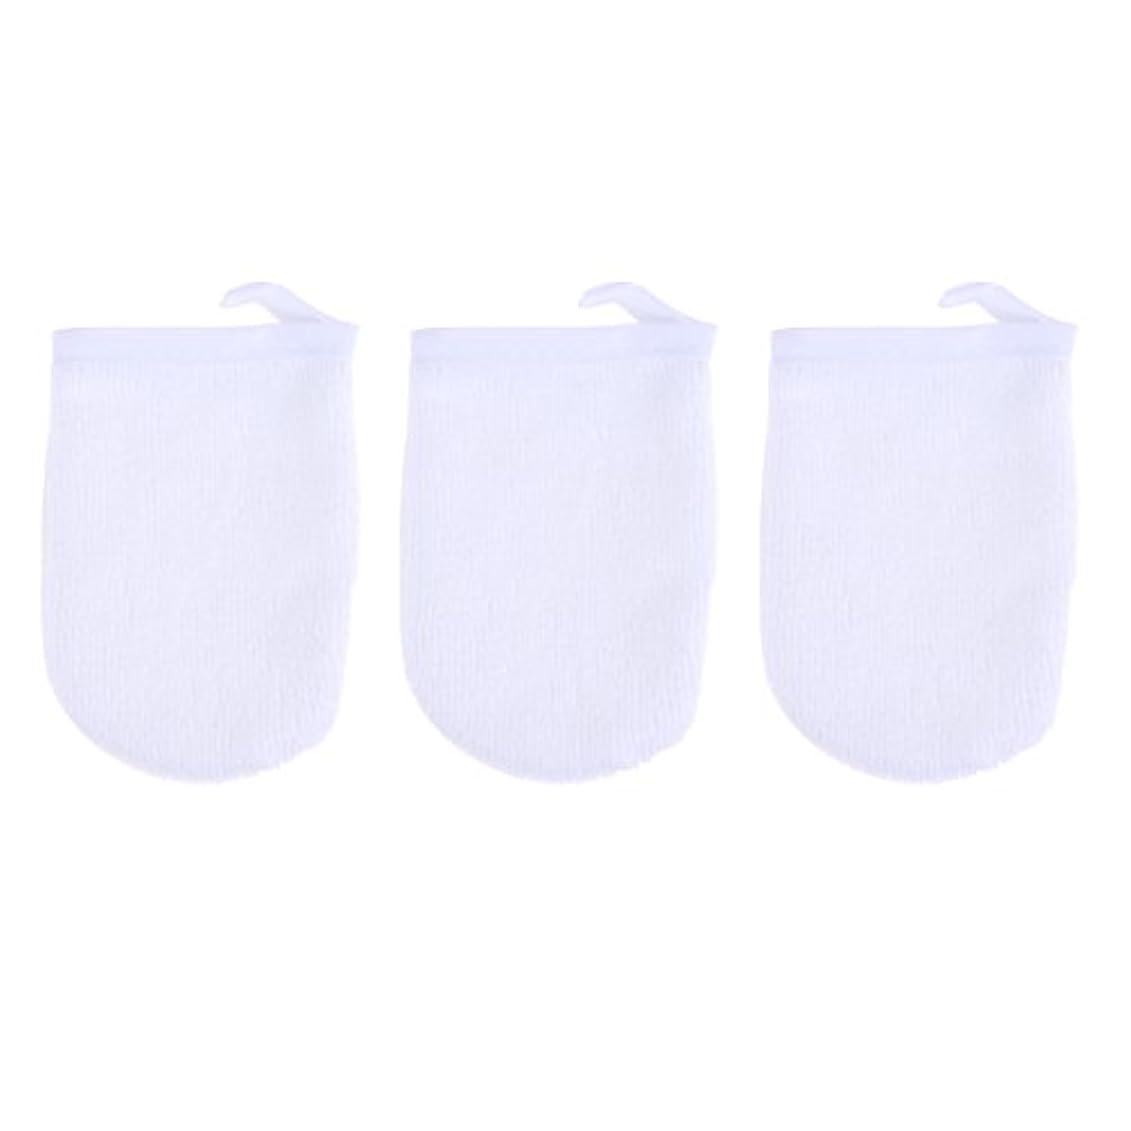 織るエゴイズム不利BESTONZON 3ピースマイクロファイバー洗顔手袋フェイスクレンジングタオルクロススパミットソフト洗濯道具